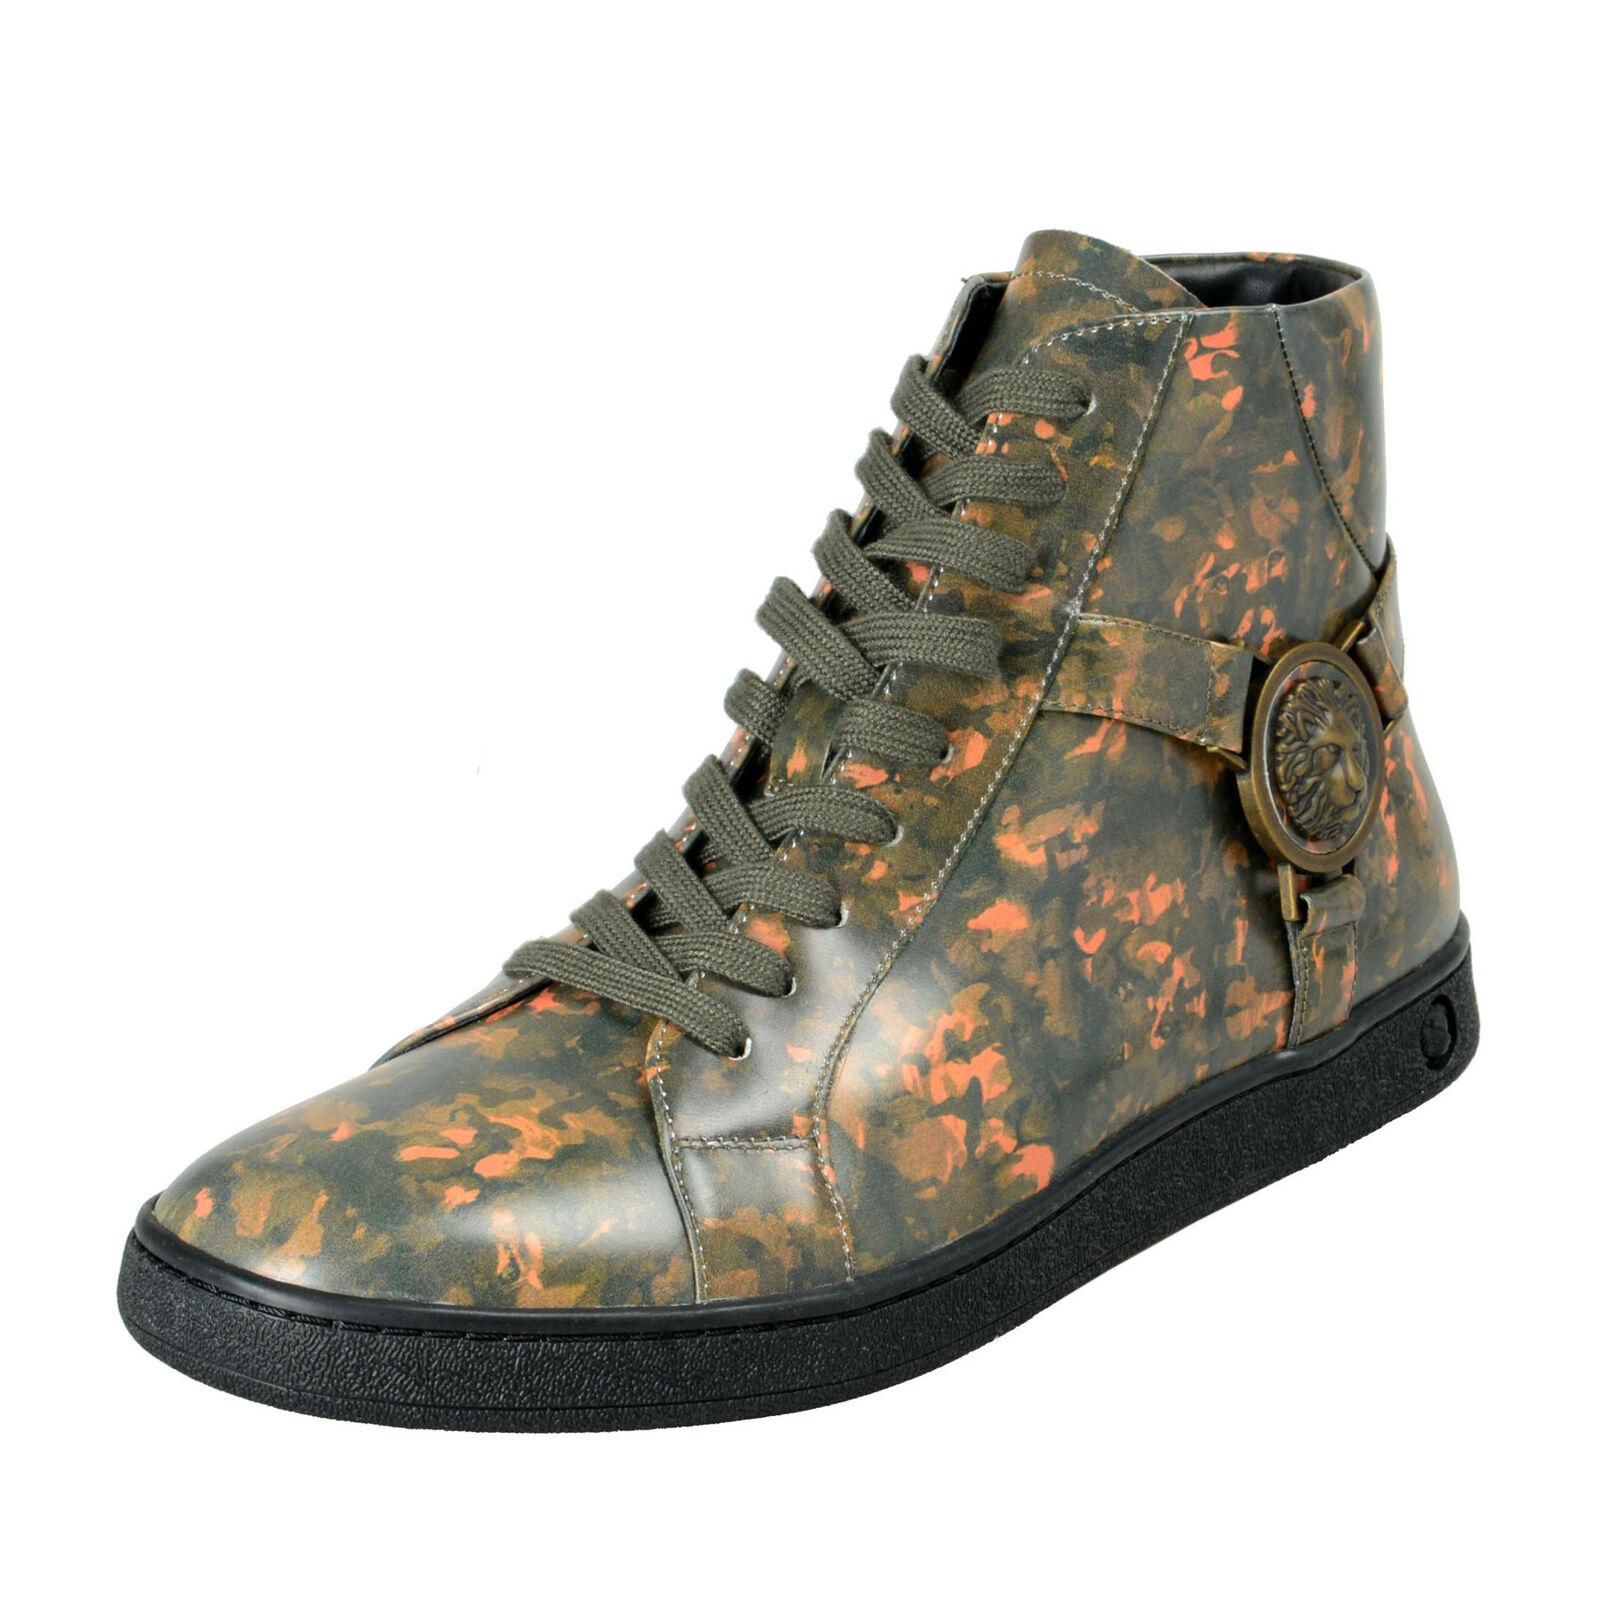 Versace Versus Men's Multi-color Leather Hi Top Fashion Sneakers shoes USz 7 10